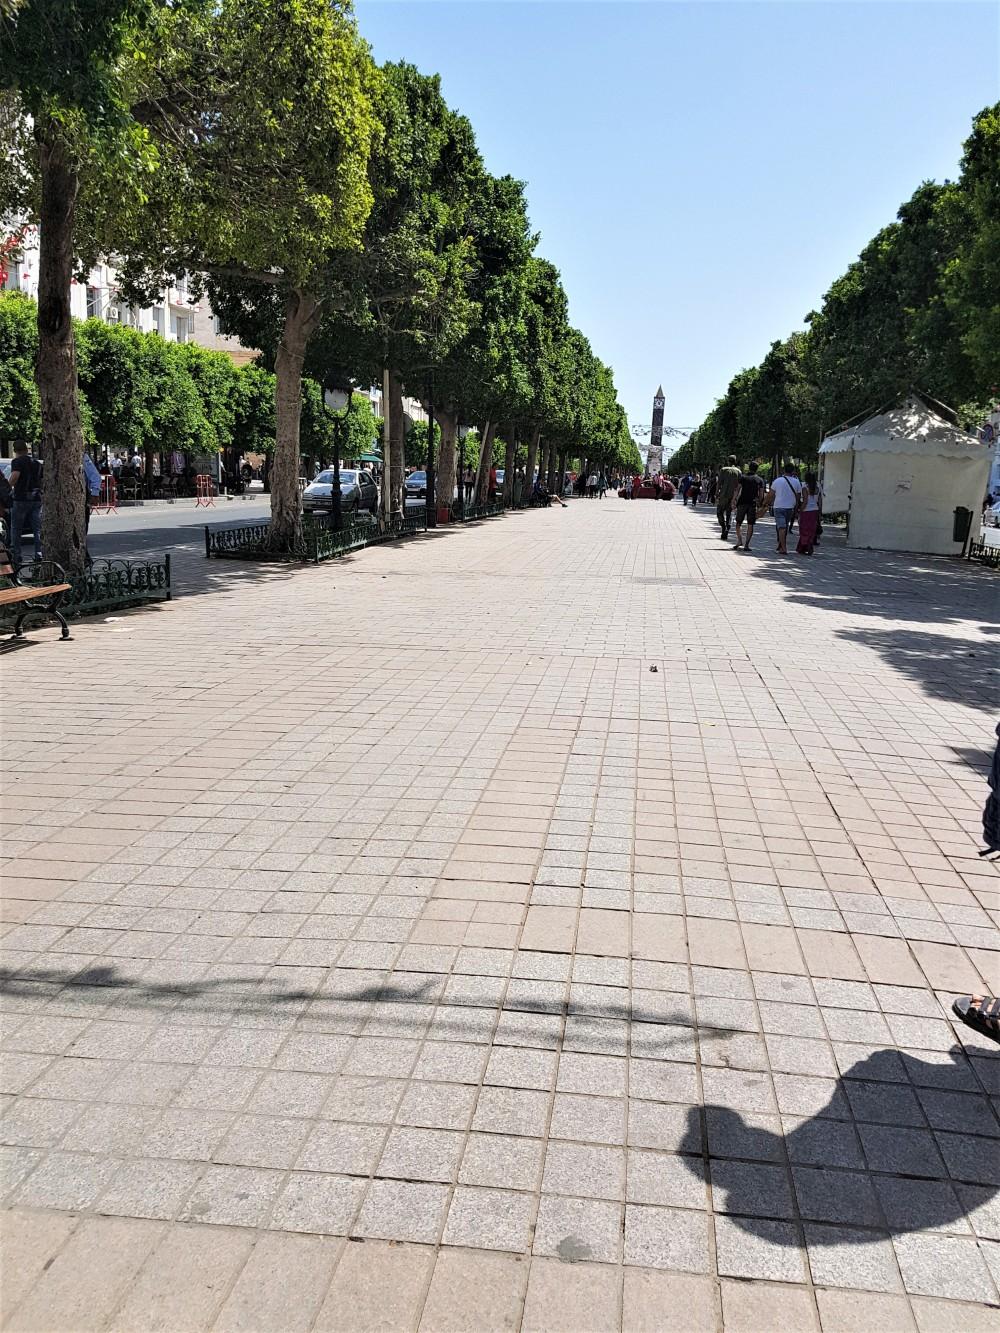 rue-tunis-horloge